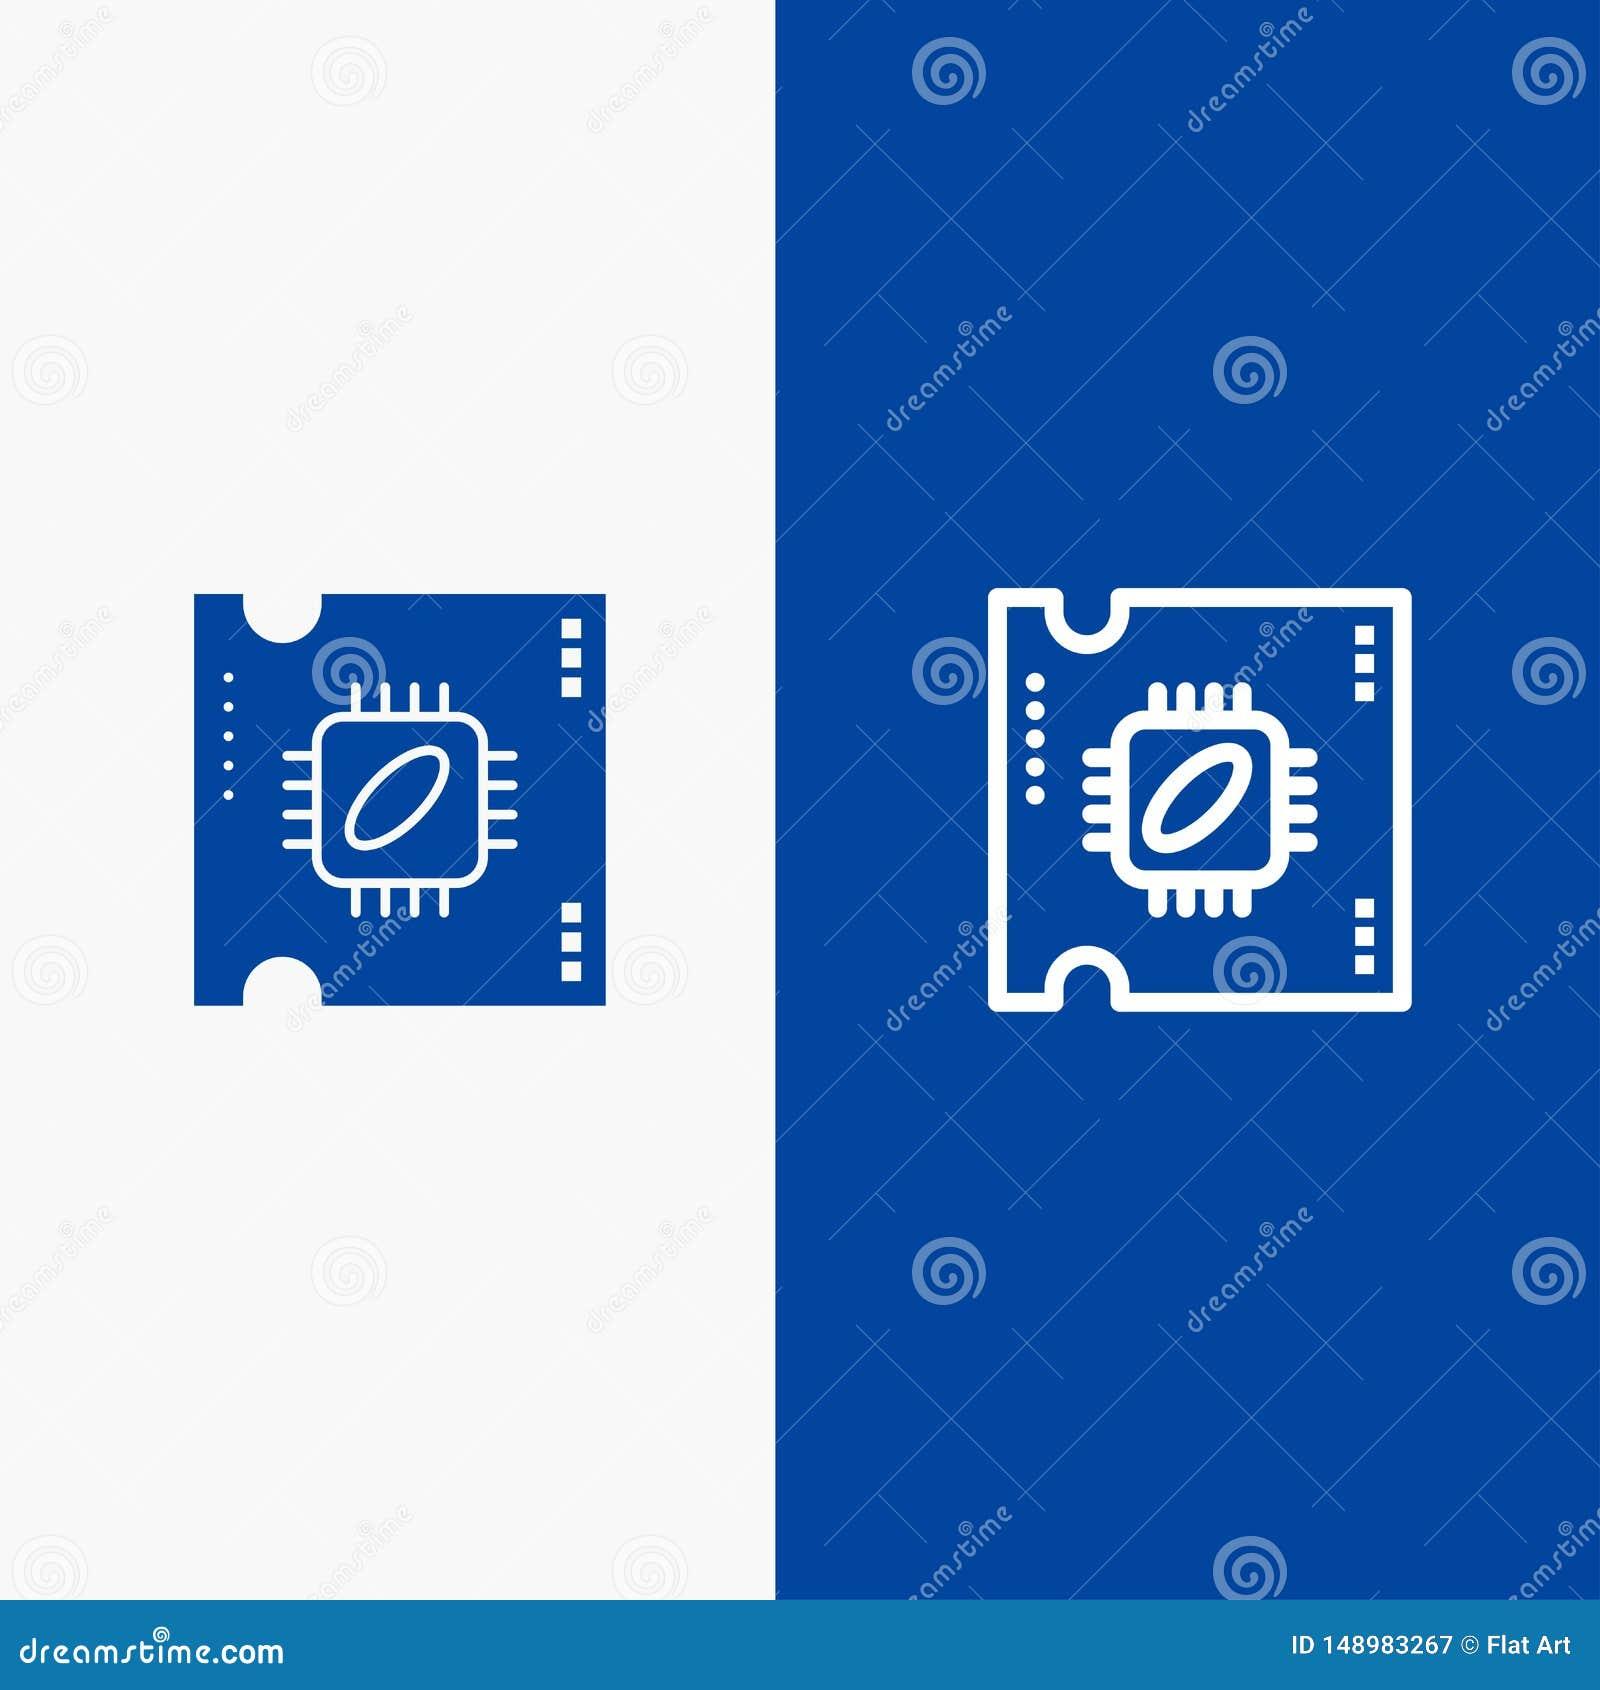 Bandera azul de bandera del icono sólido de la CPU, del microchip, del procesador, del procesador Chip Line y del Glyph del icono